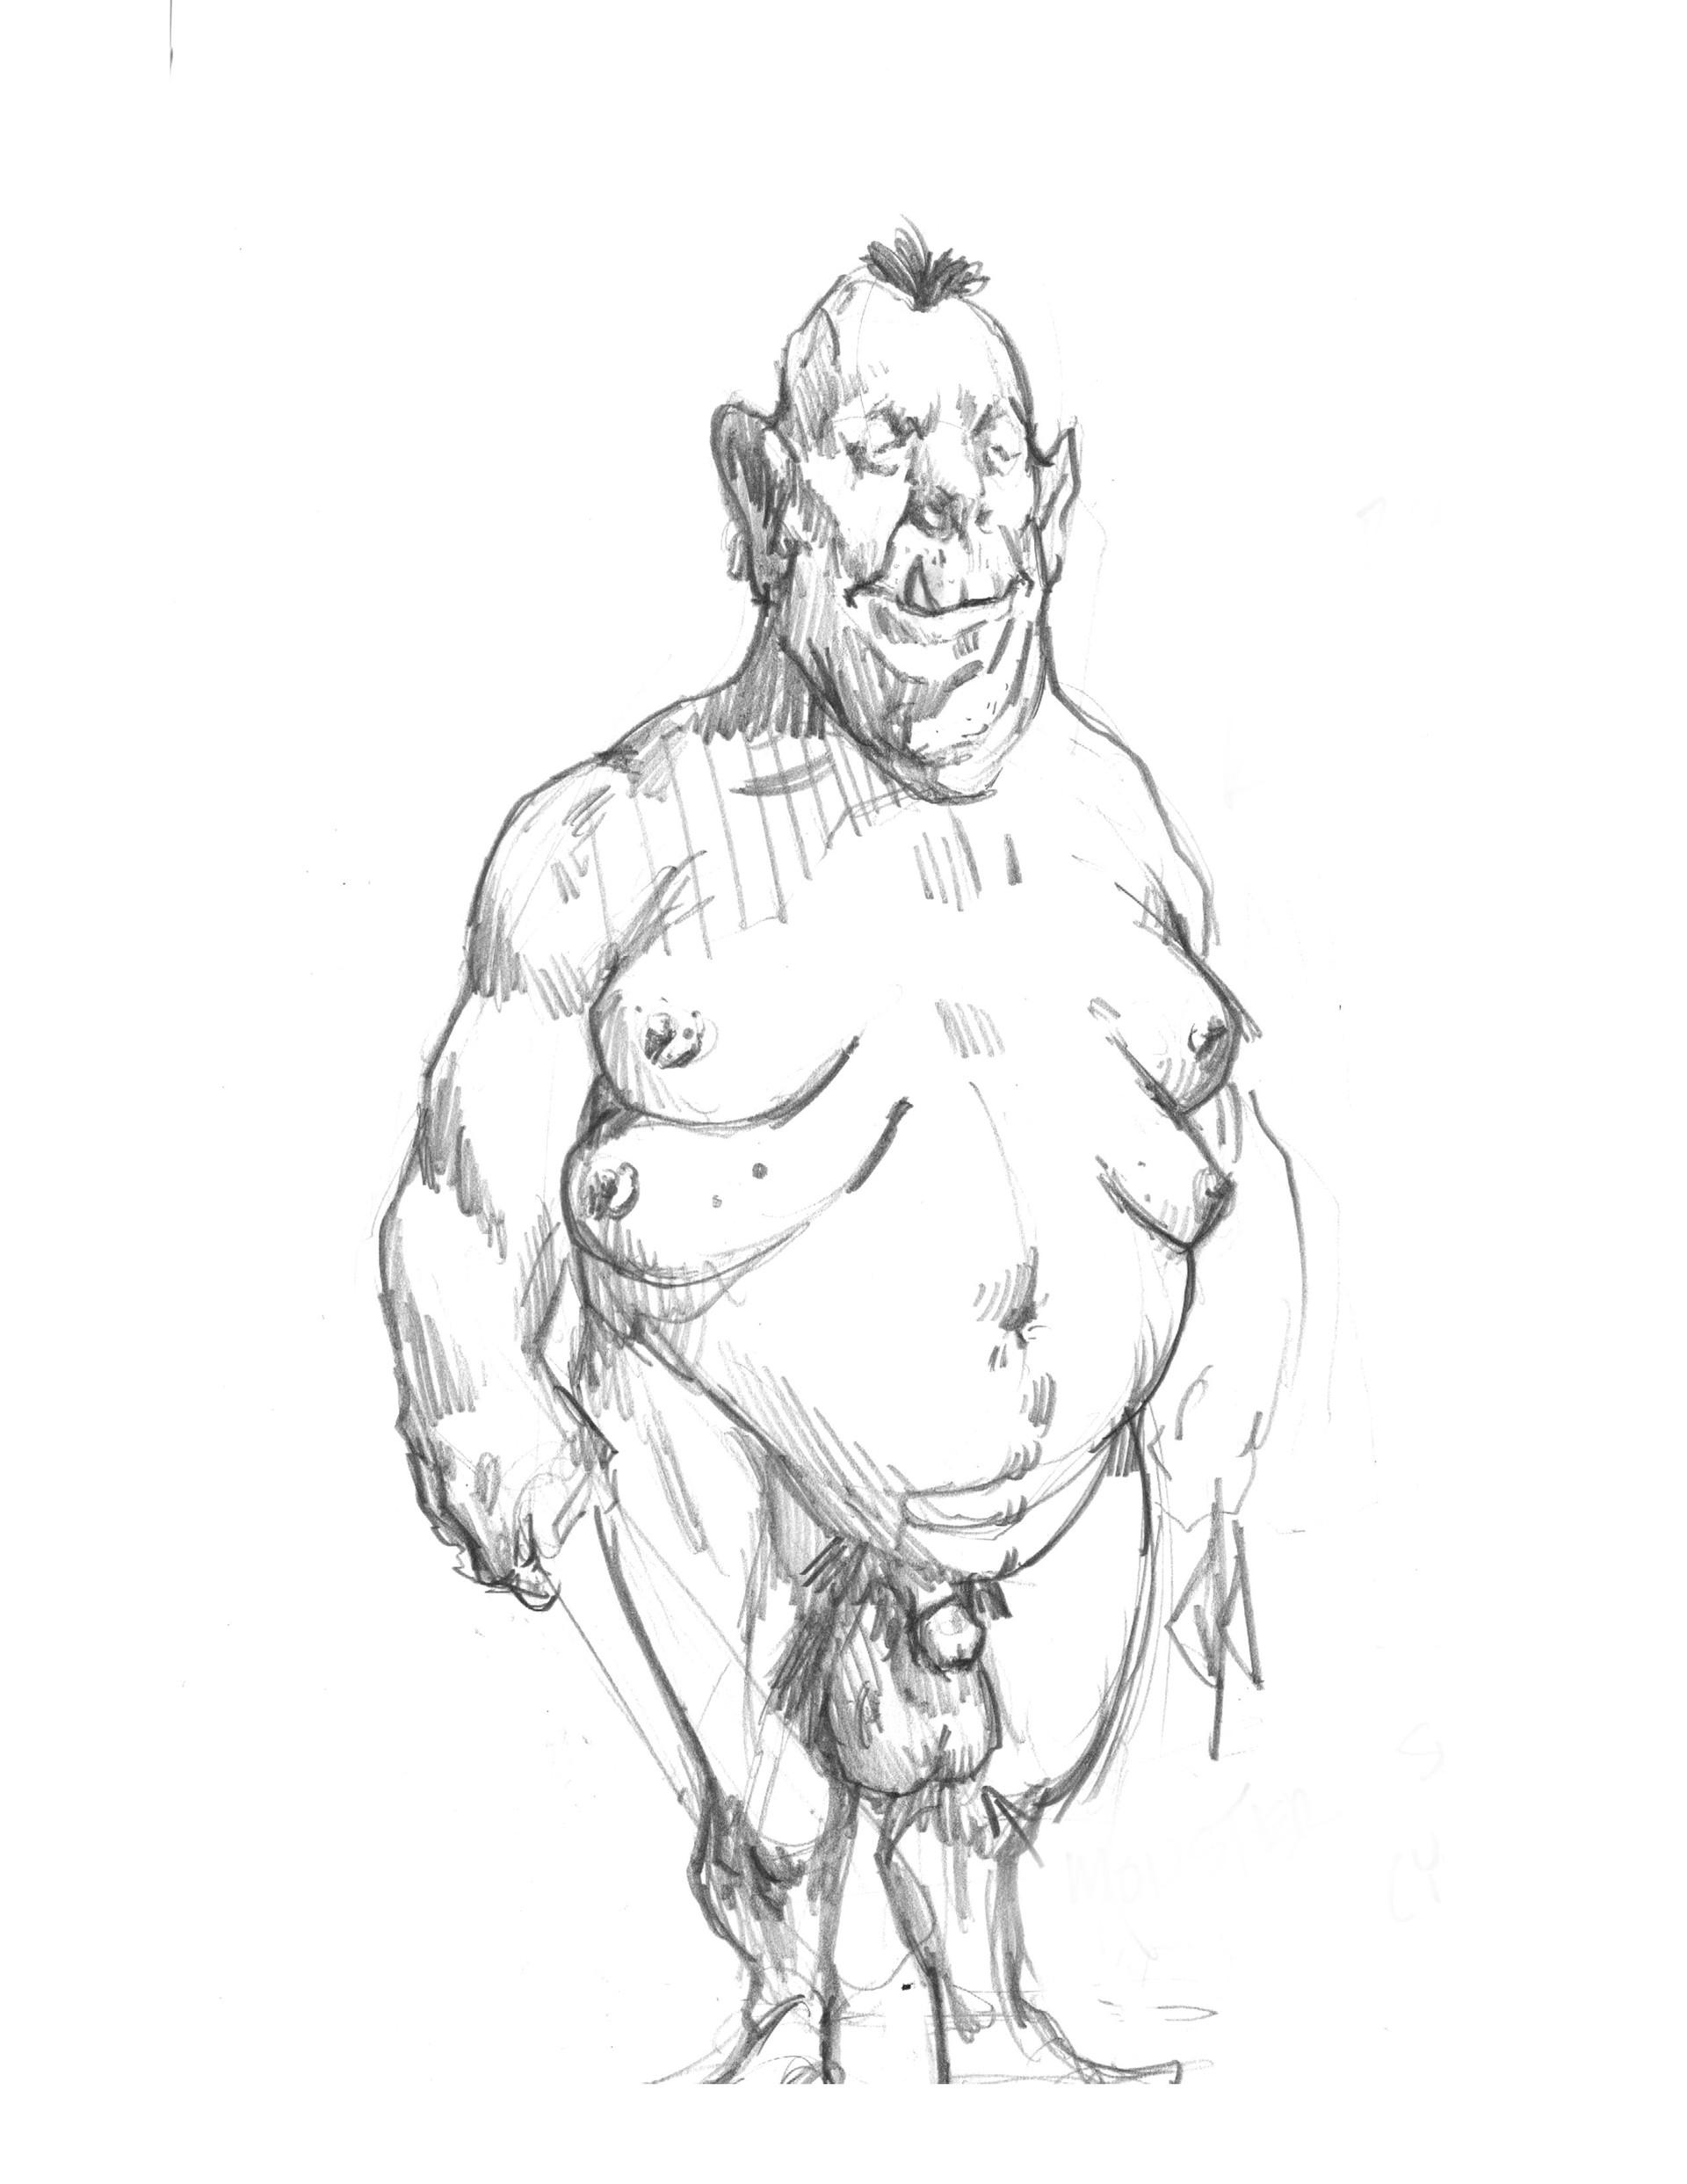 Brent poliquin 5 sketchbookpg10